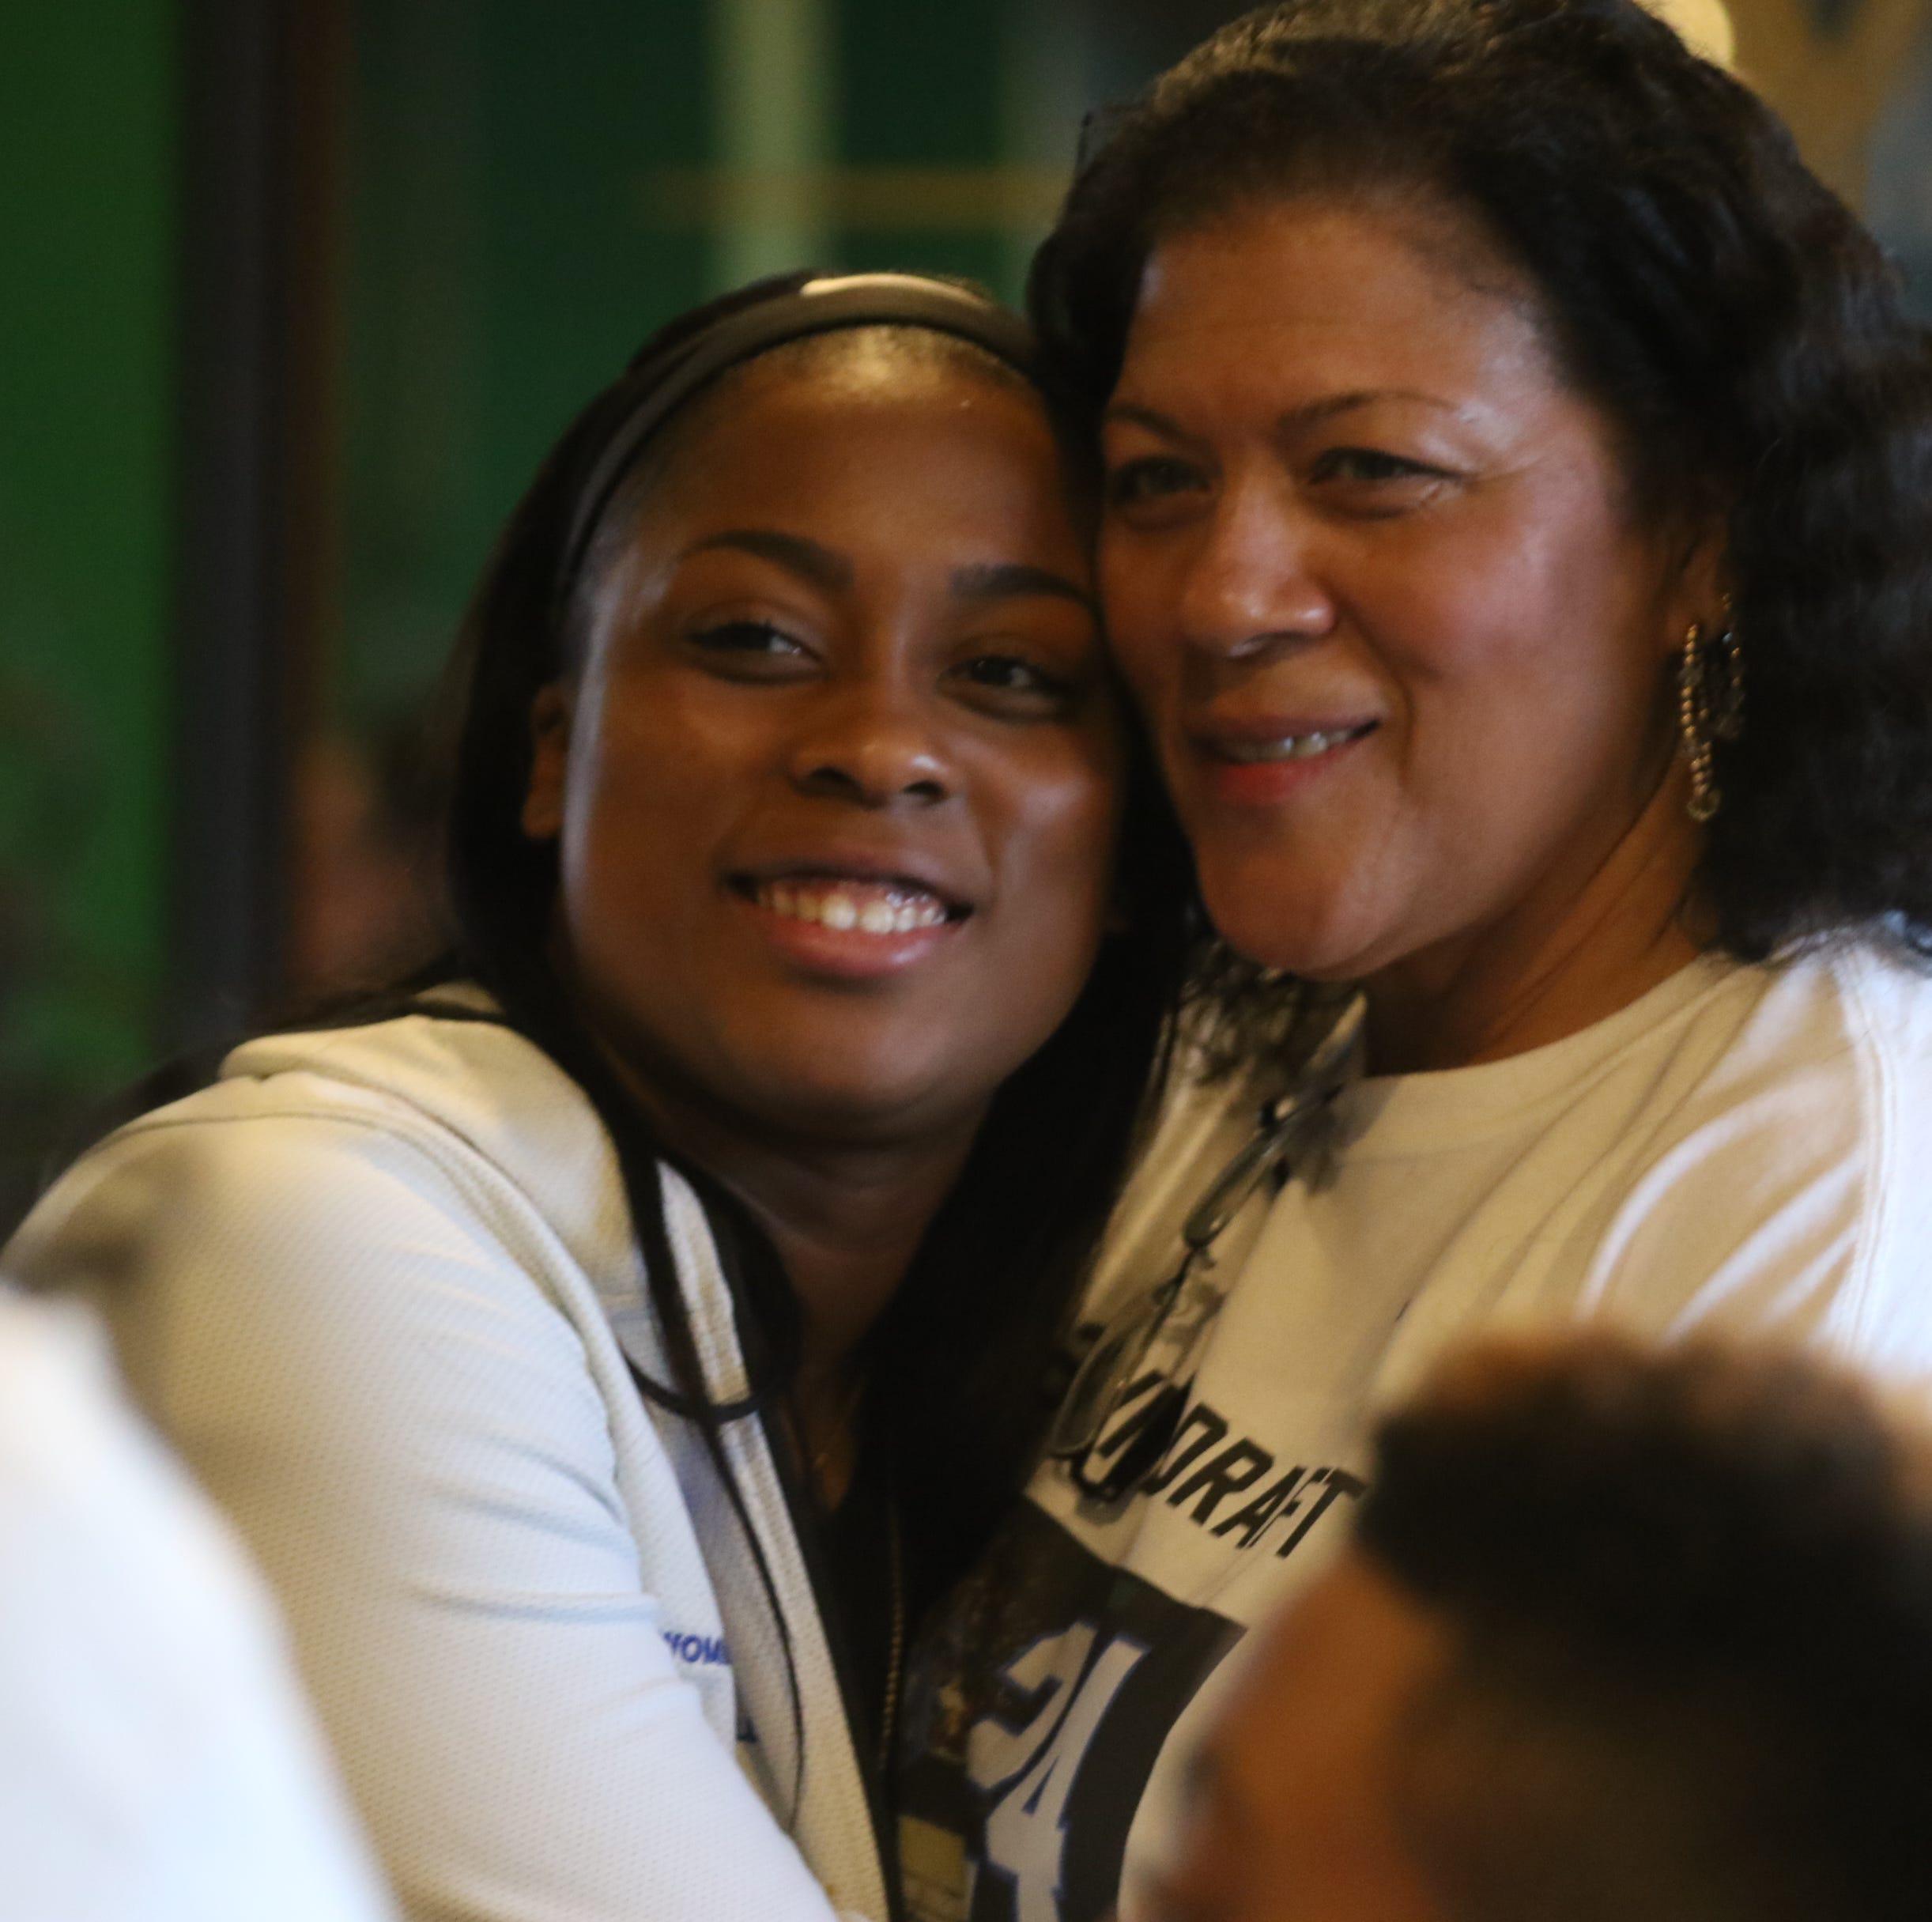 Cierra Dillard's WNBA dream now a reality as she was drafted by Minnesota Lynx